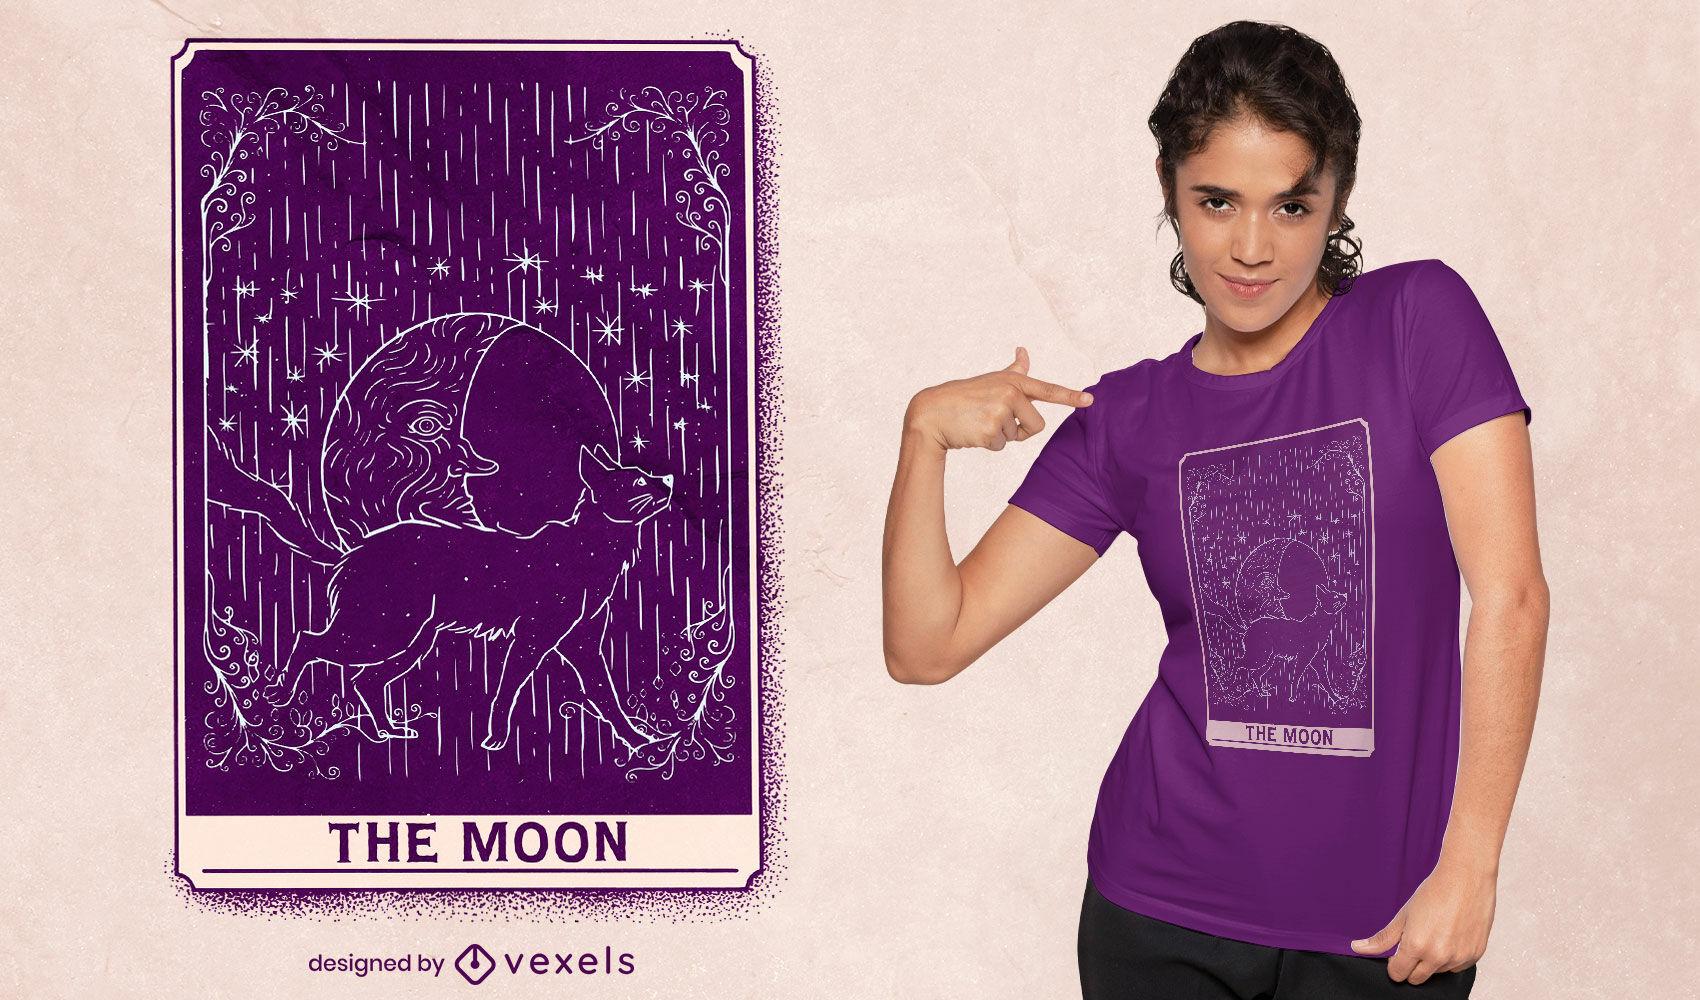 Diseño de camiseta del gato y la luna de la carta del tarot.